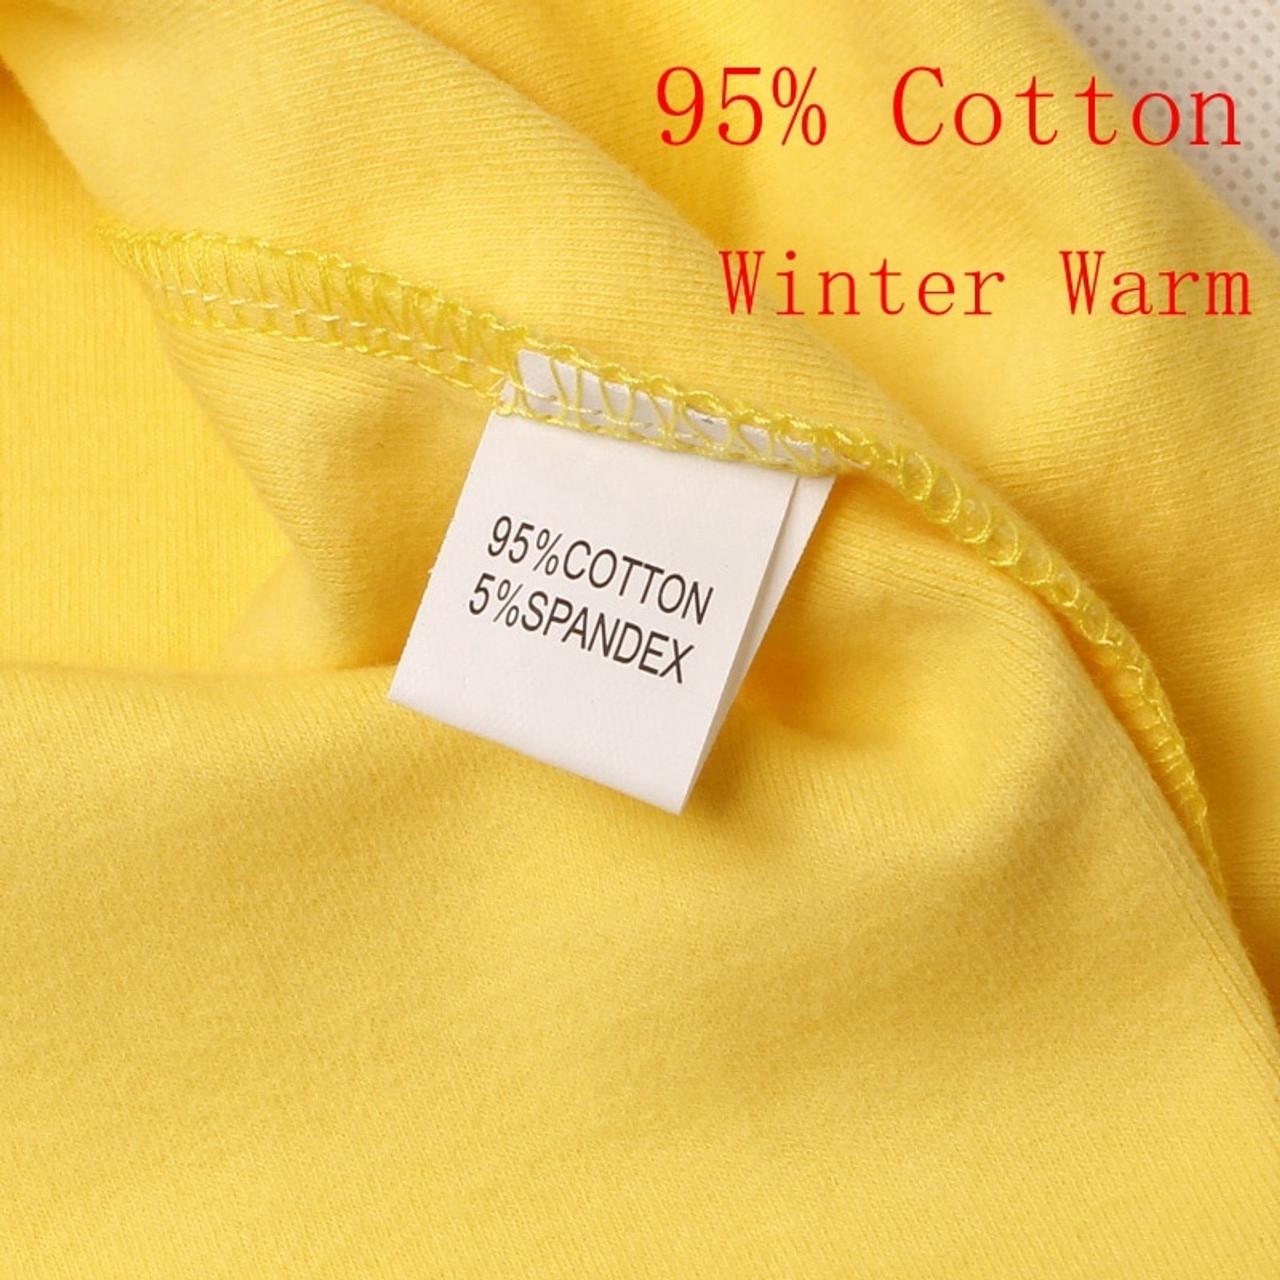 7c2de8e7e5 ... High Quality 95% Cotton Autumn Winter Women Sweater Plus Size M-XL  Turtleneck Pullover ...